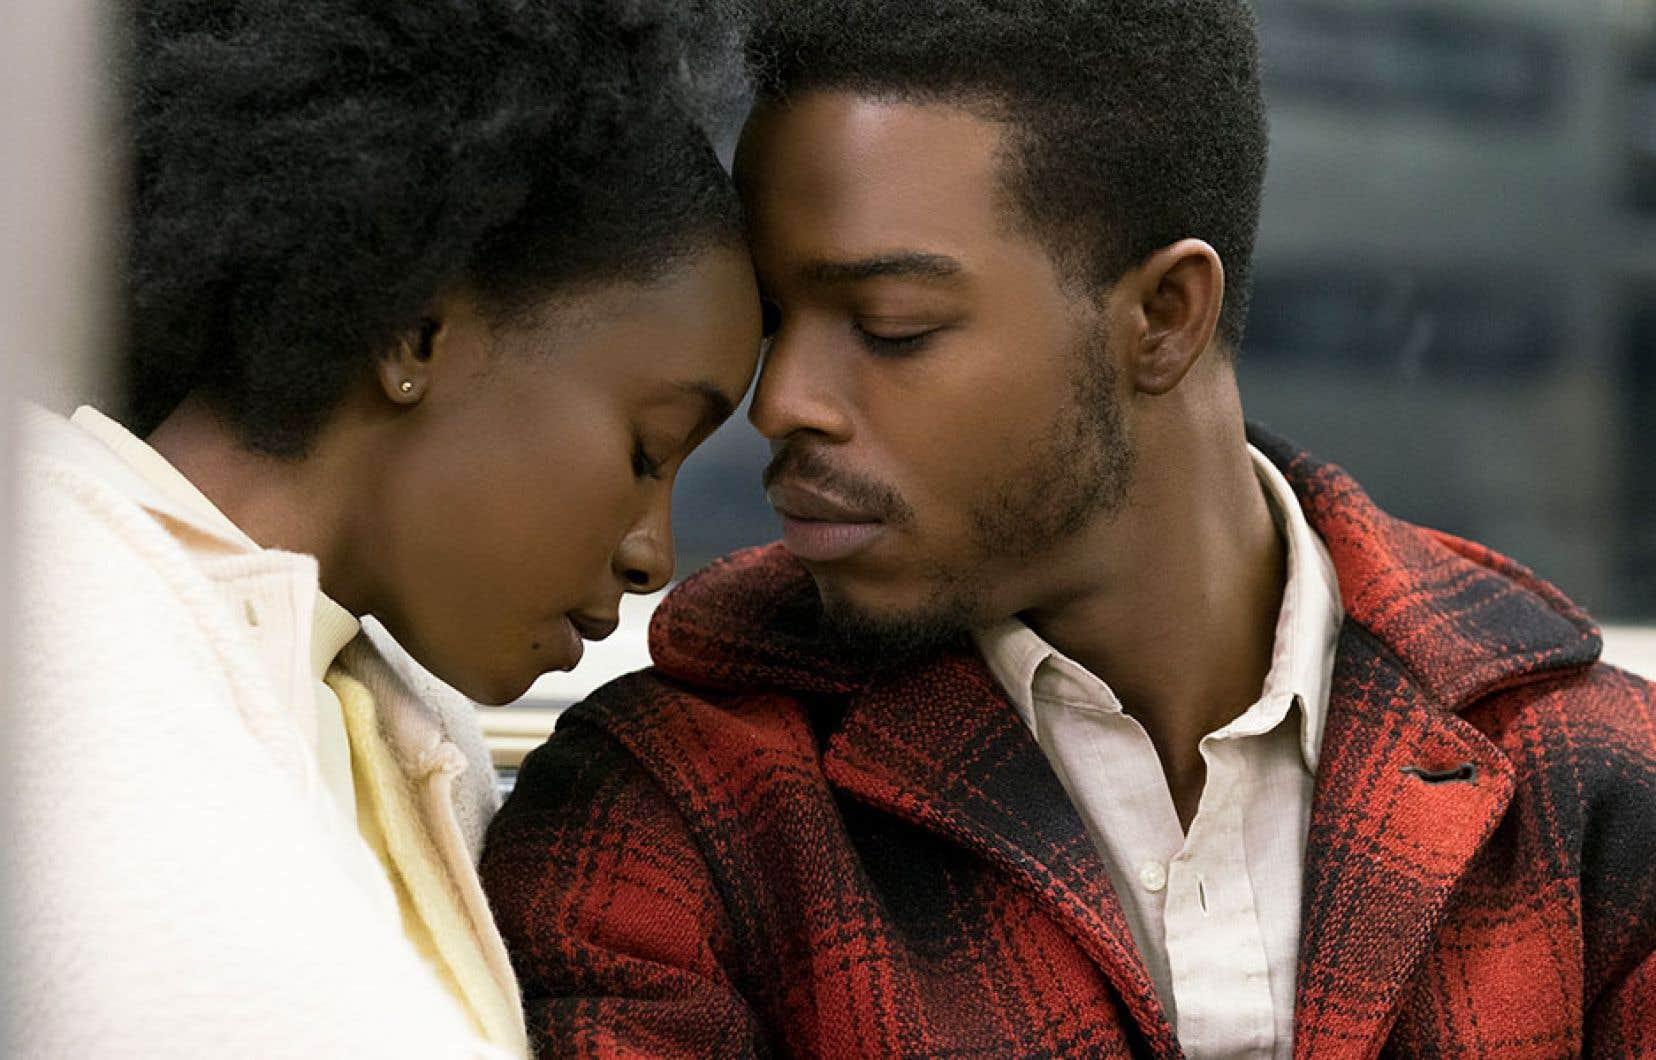 Dans «If Beale Street Could Talk», les jeunes acteurs Kiki Layn et Stephan James, par leur naturel, l'harmonie de leurs étreintes, semblent vraiment faits l'un pour l'autre.